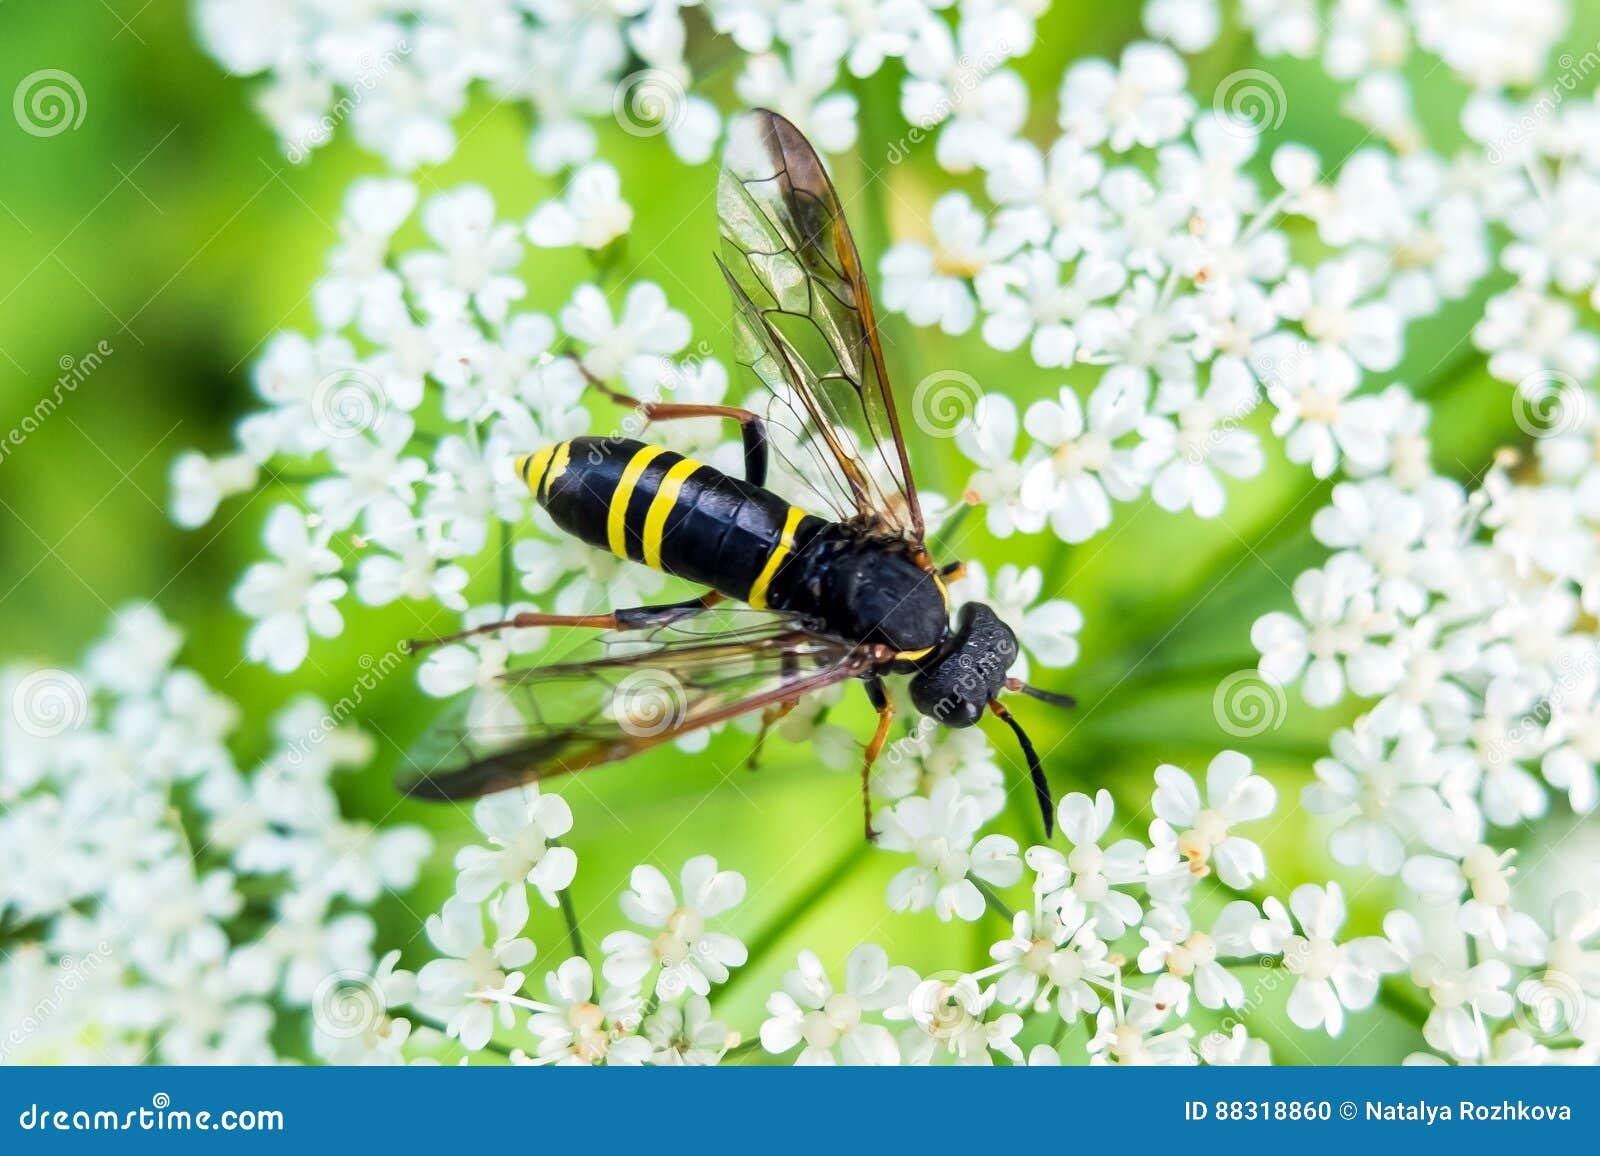 Avispa que come el néctar